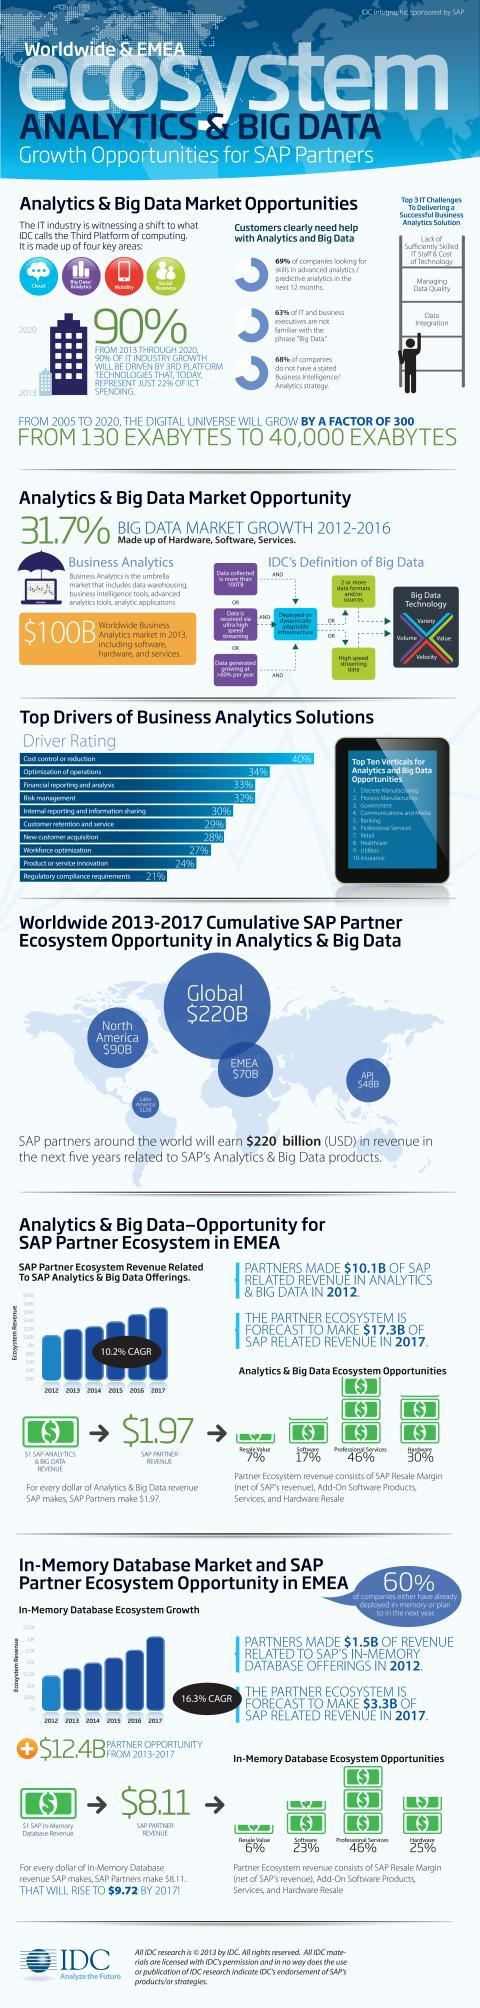 Infofgrafik - Ny studie visar vad SAP-partner tjänar på big data och analys